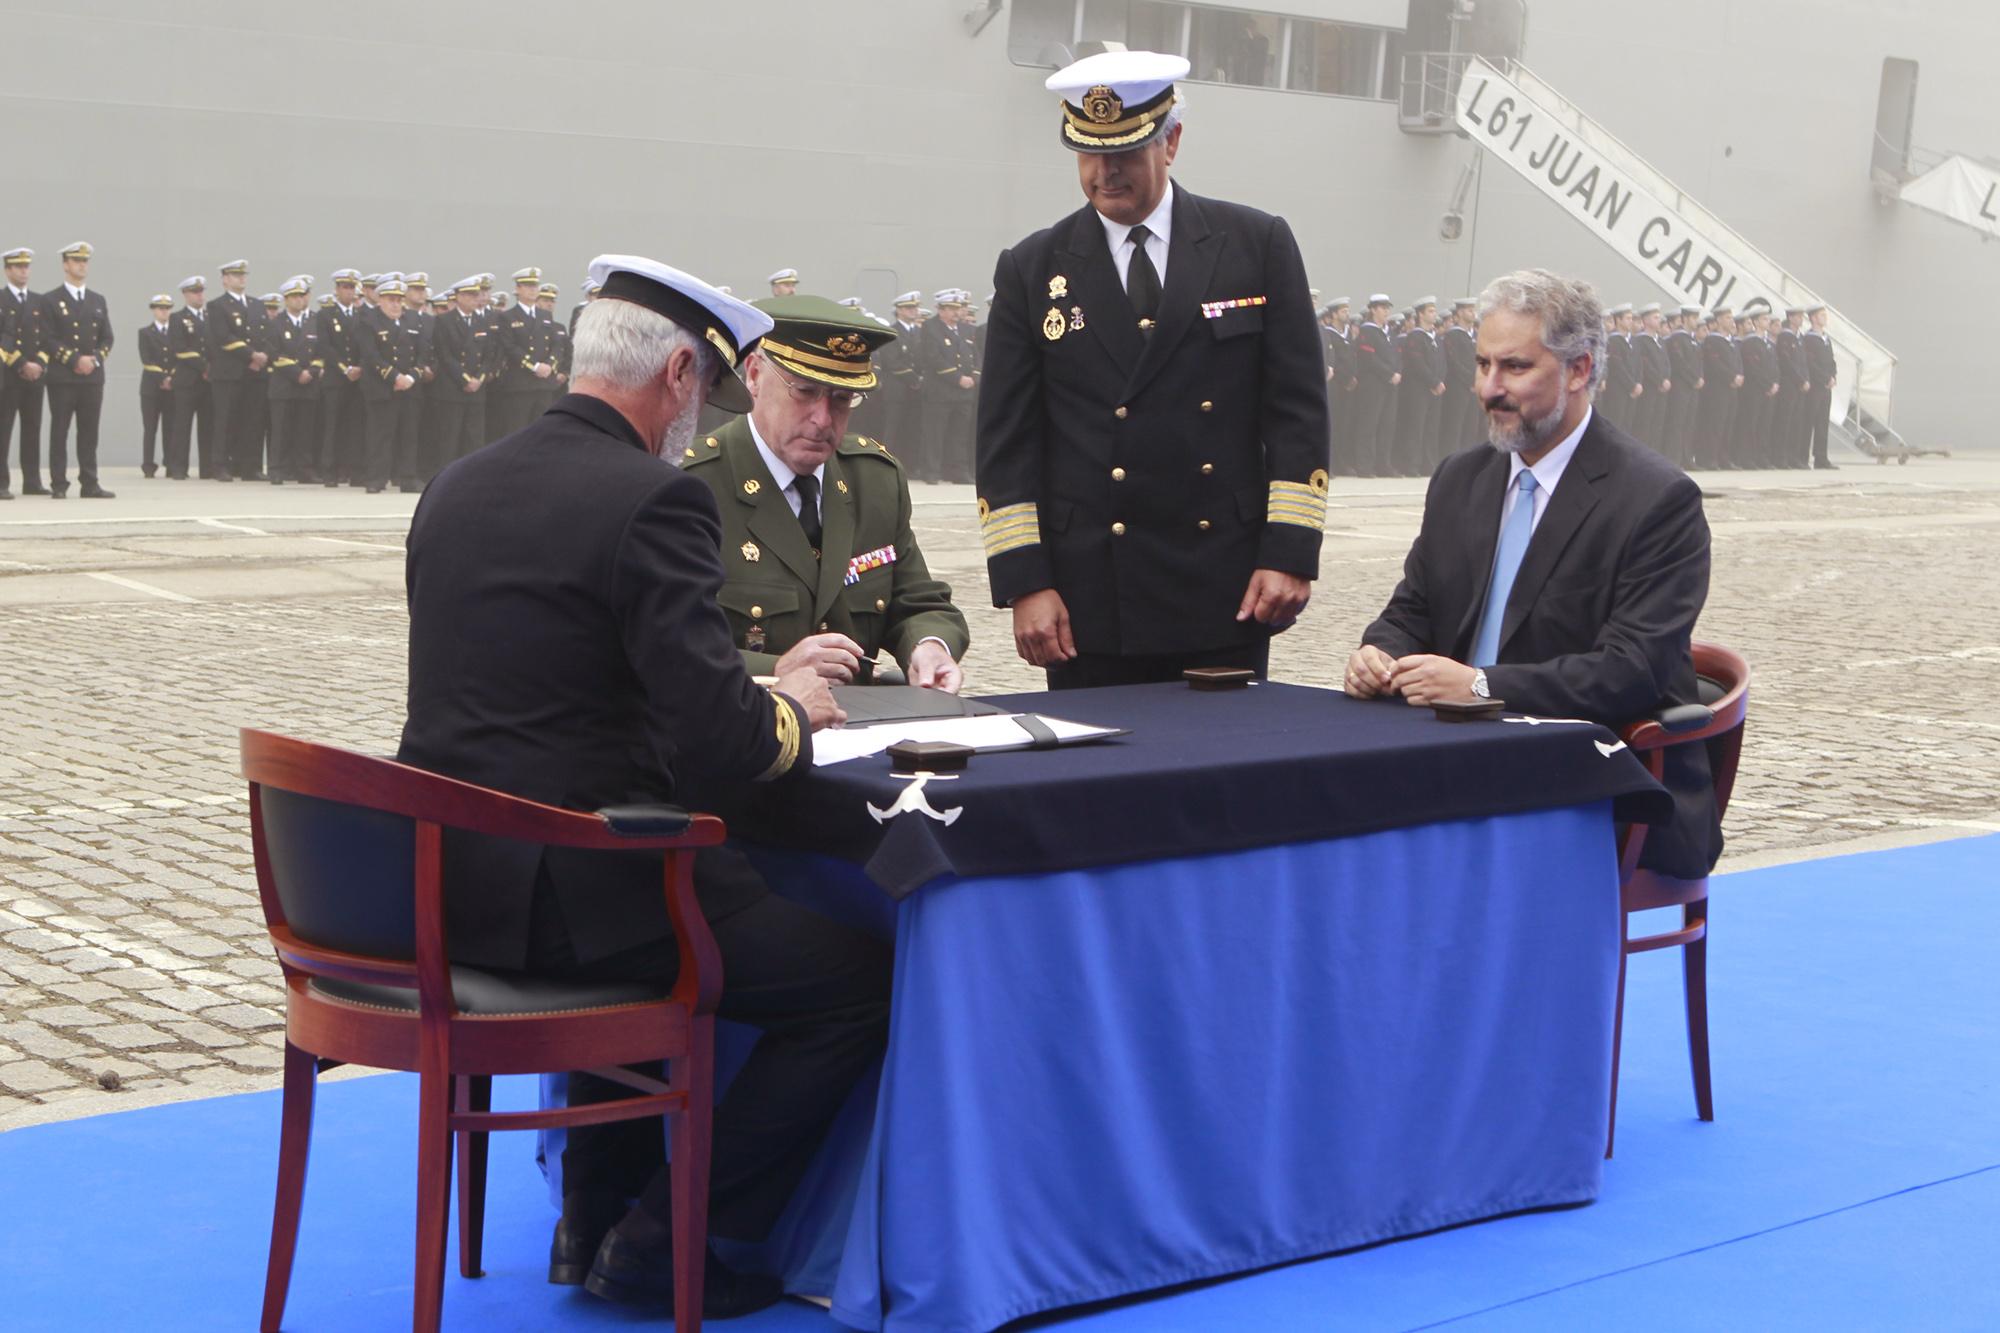 Armée Espagnole/Fuerzas Armadas Españolas - Page 7 DGC_20100930_SMRey_Chacon_entrega_portav_Armada_05_G